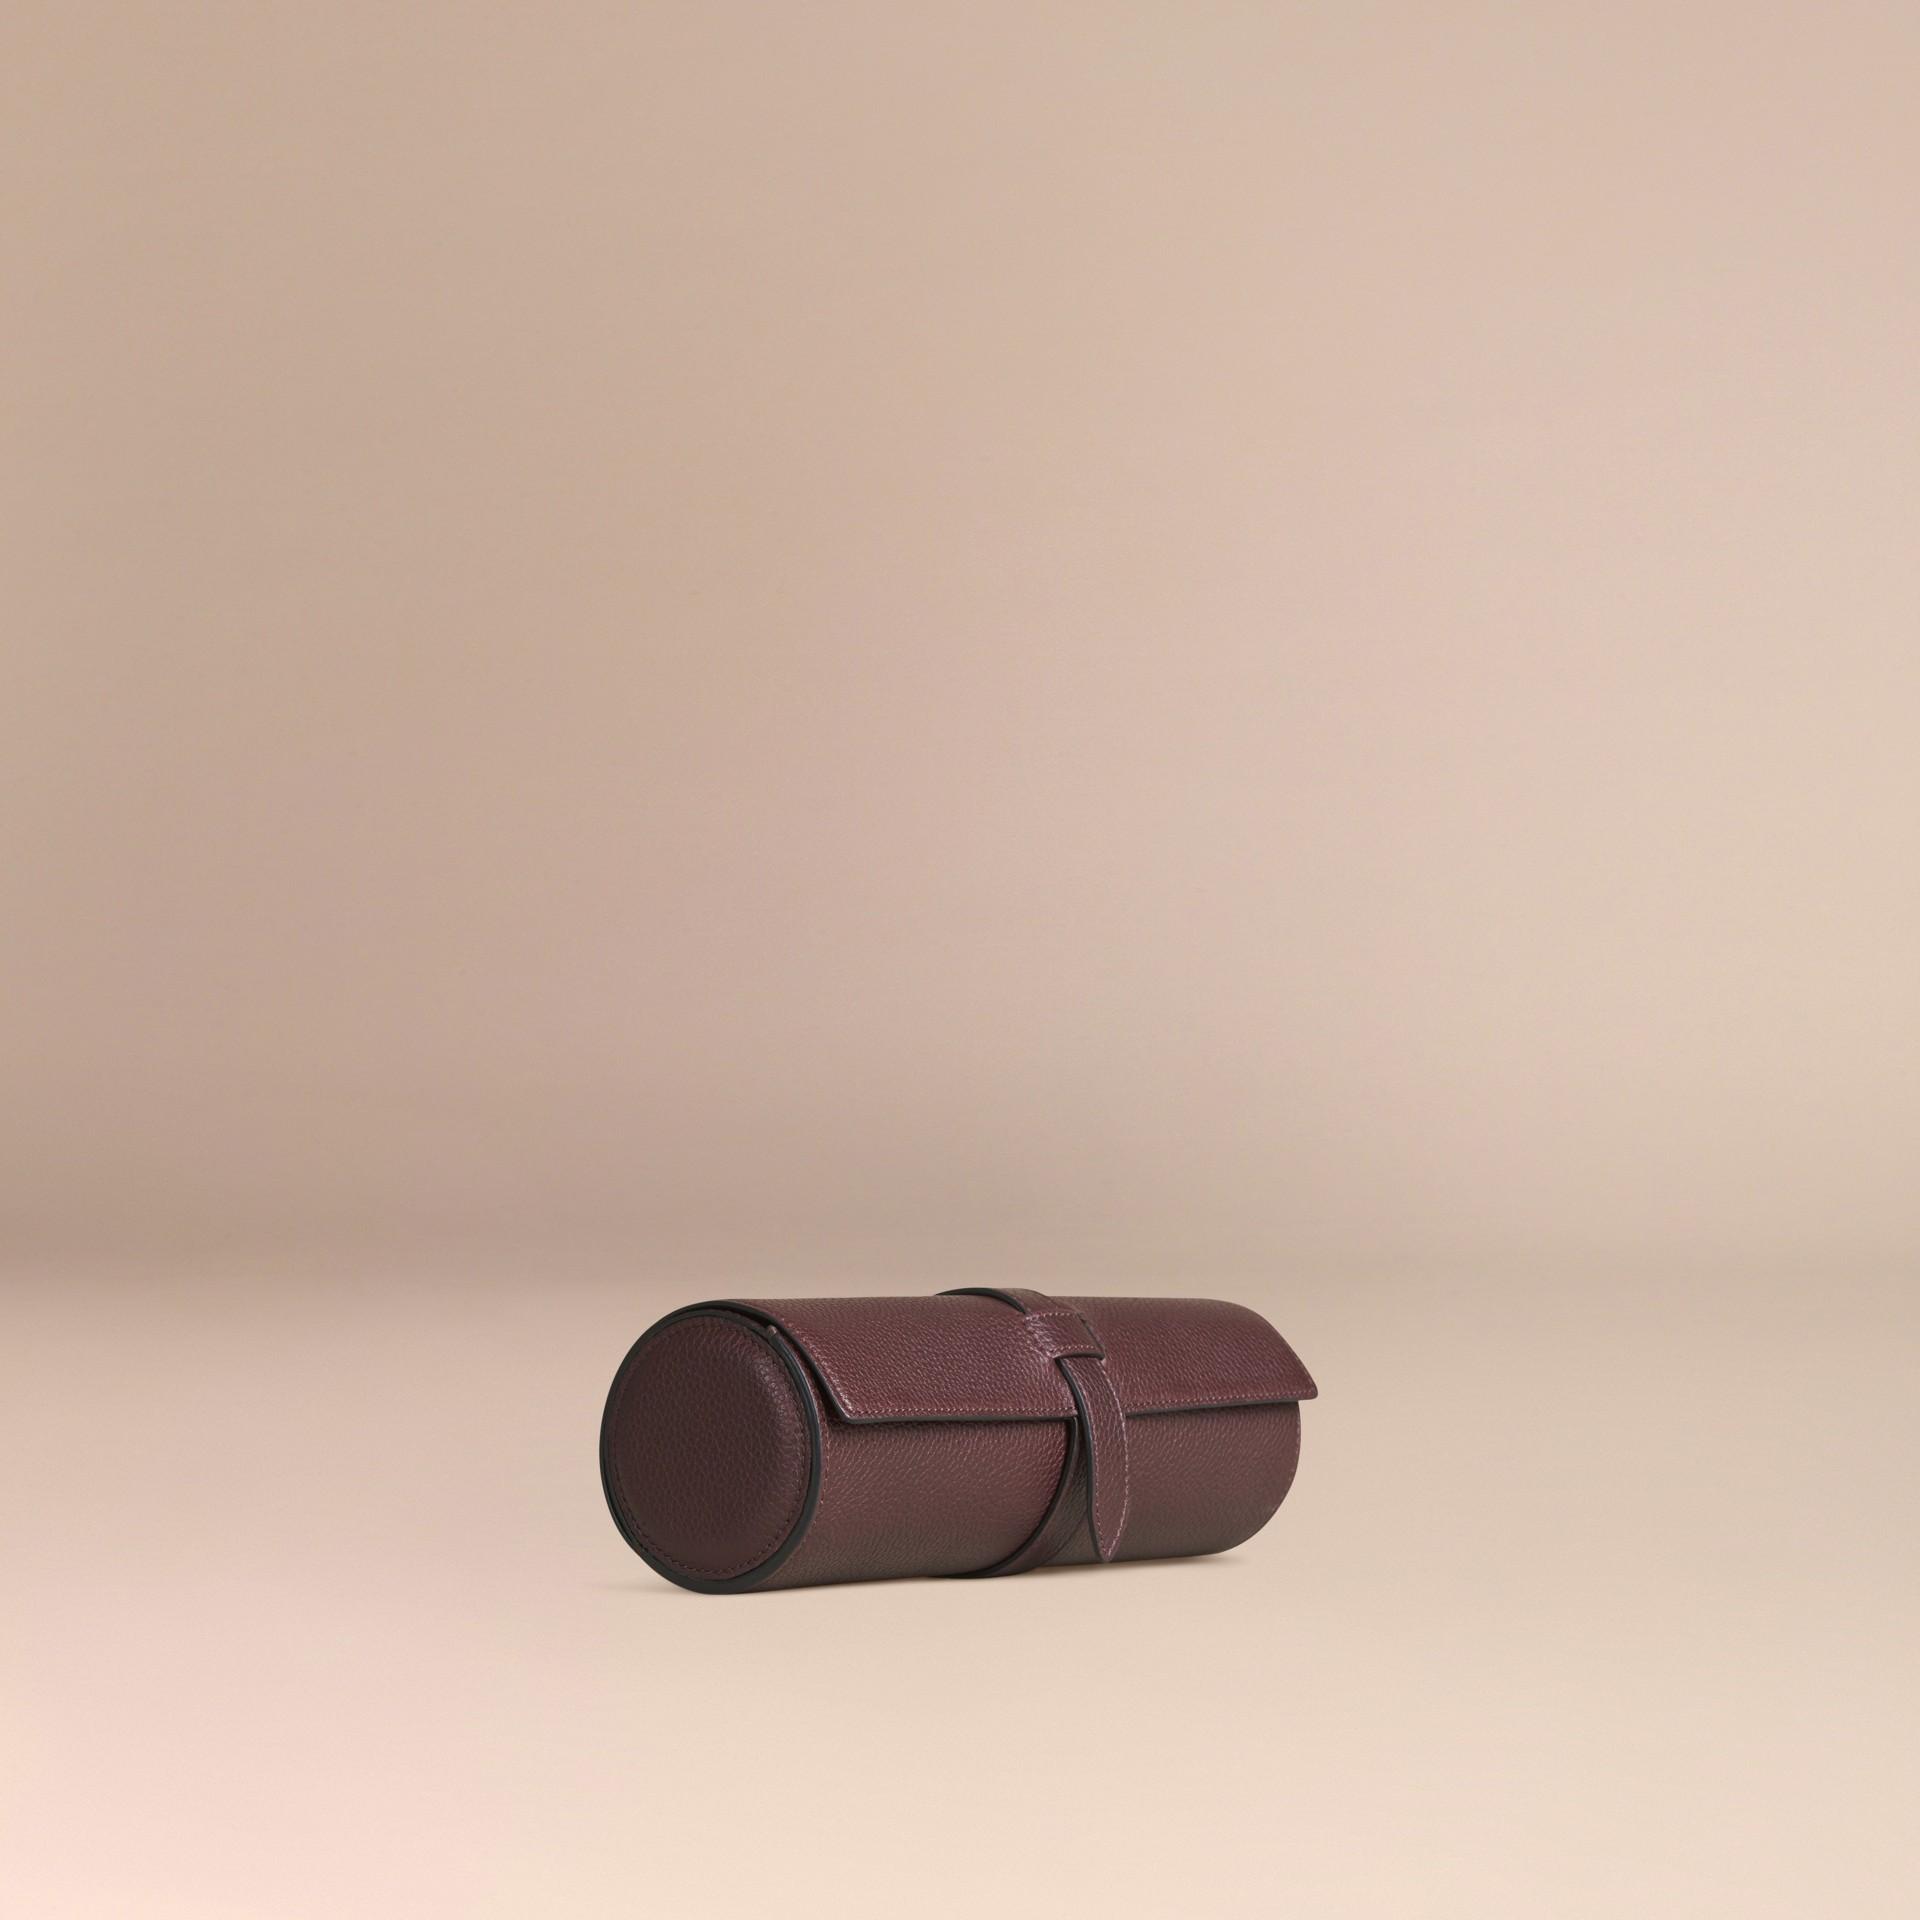 Rosso ebano Custodia per orologi in pelle a grana Rosso Ebano - immagine della galleria 3